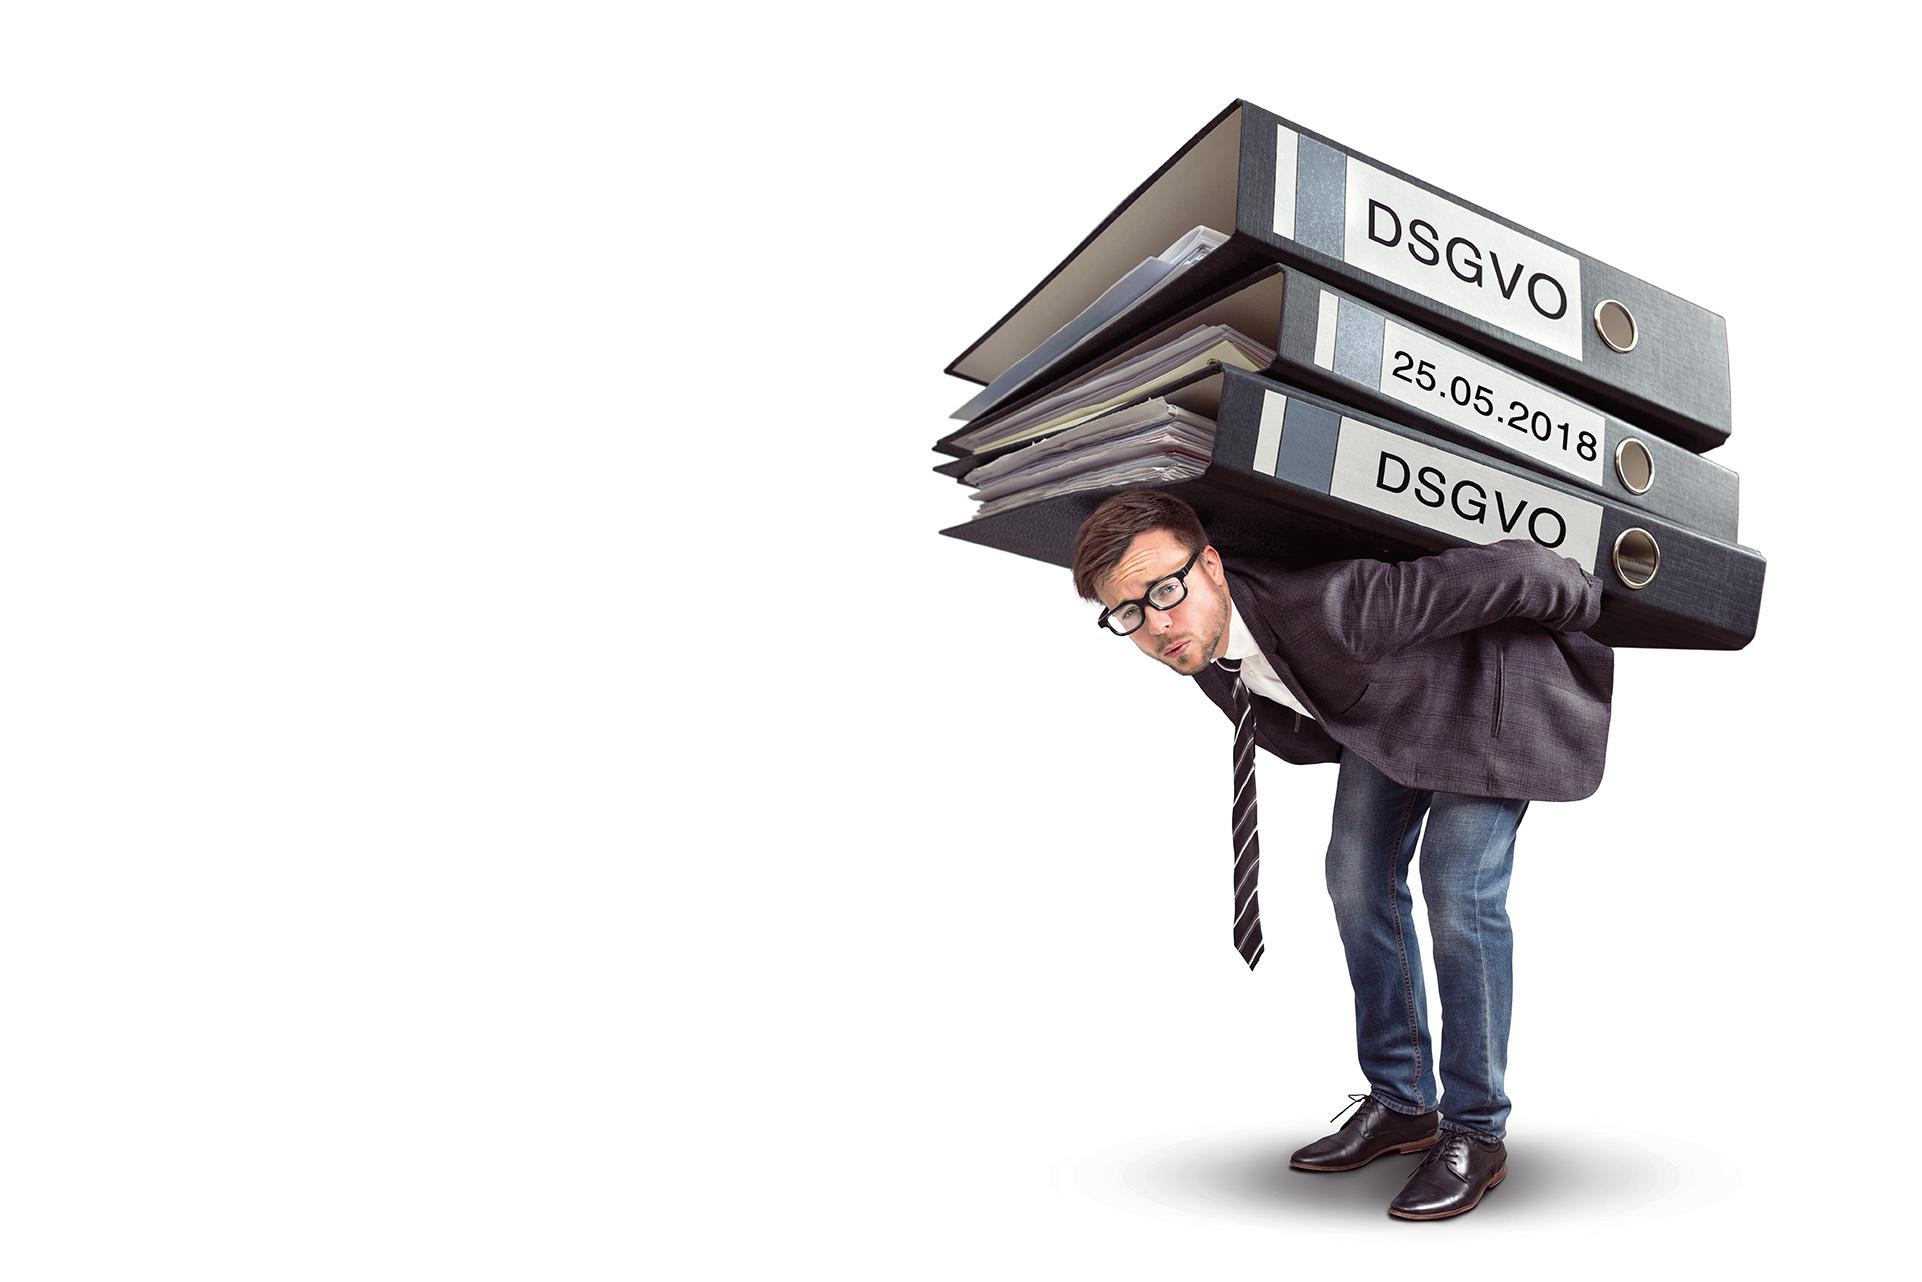 DSGVO: Kundenbeschwerden führen zu Bußgeldern